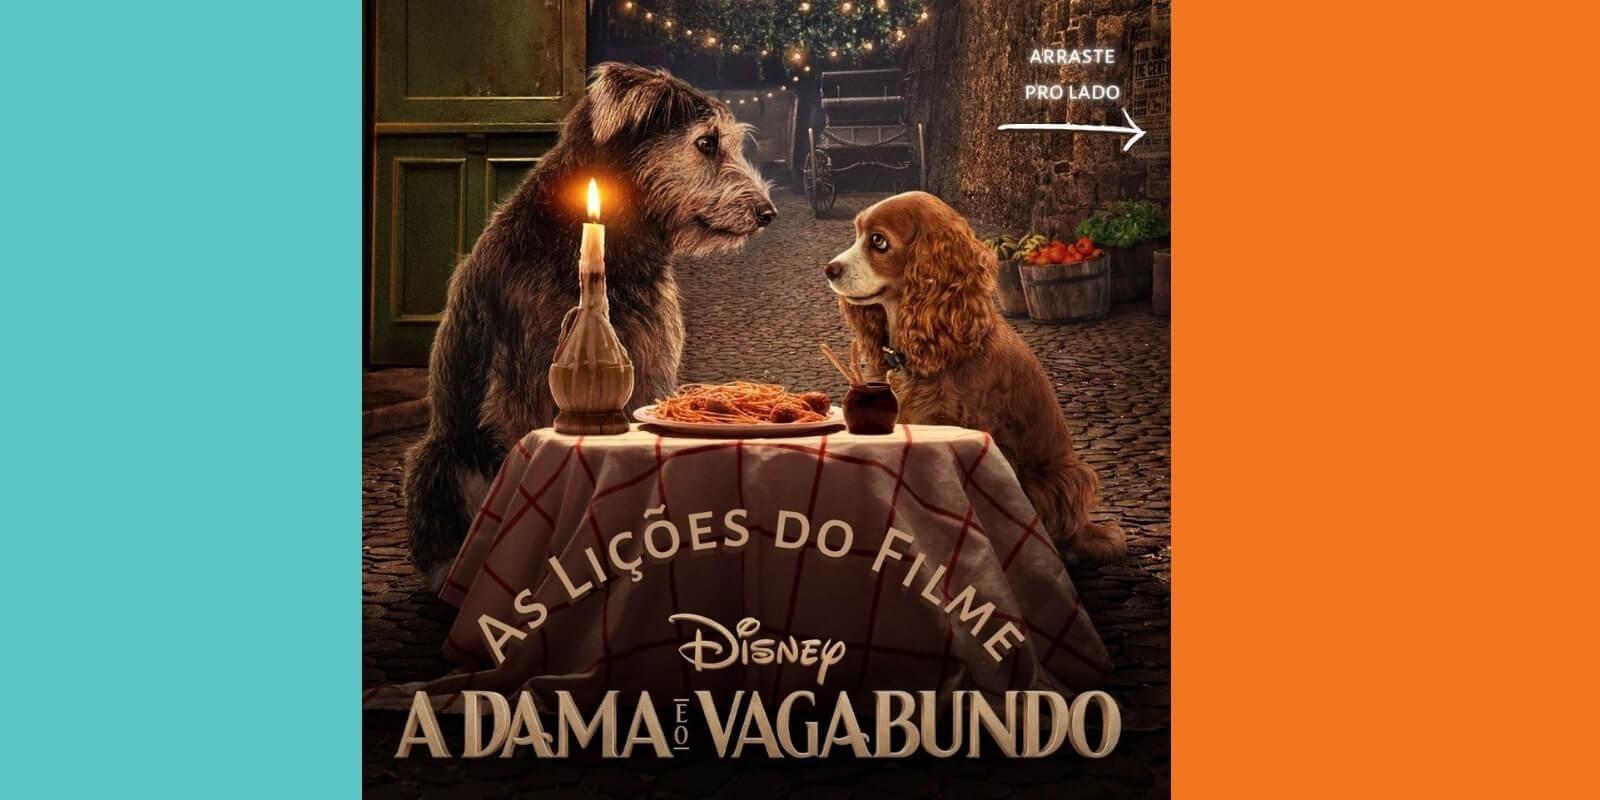 Lambeijos, Carla Ruas - Lições do filme A Dama e o Vagabundo